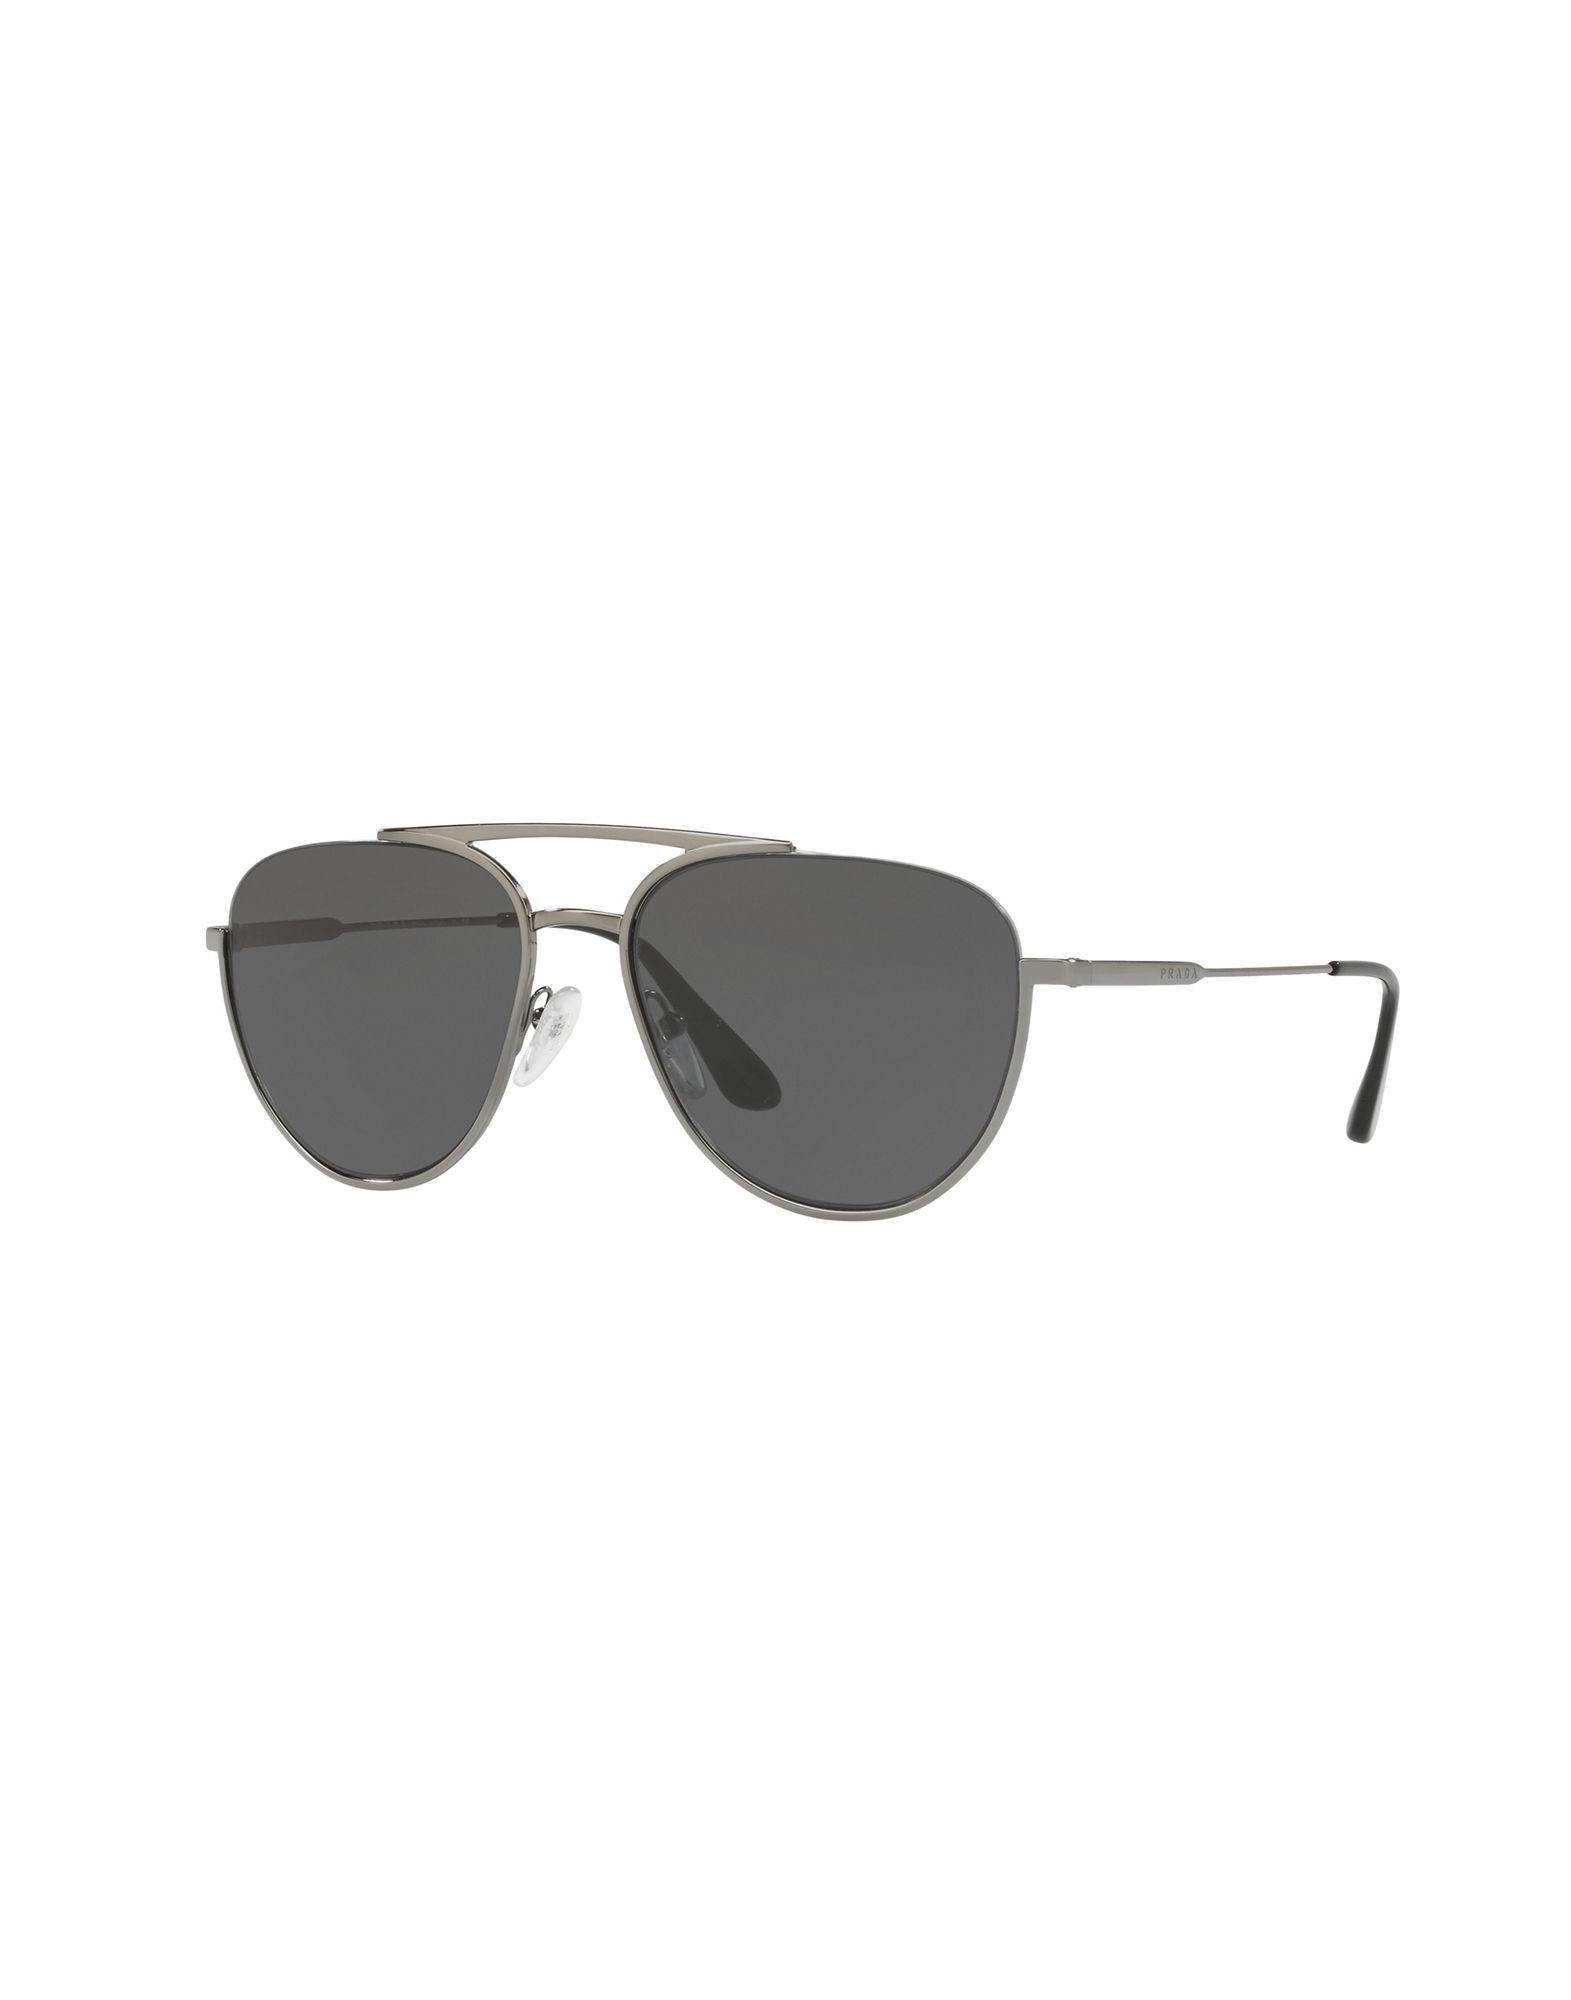 a basso prezzo 8cd32 e9157 Occhiali Da Sole Prada Pr 50Us - Uomo - Acquista online su ...